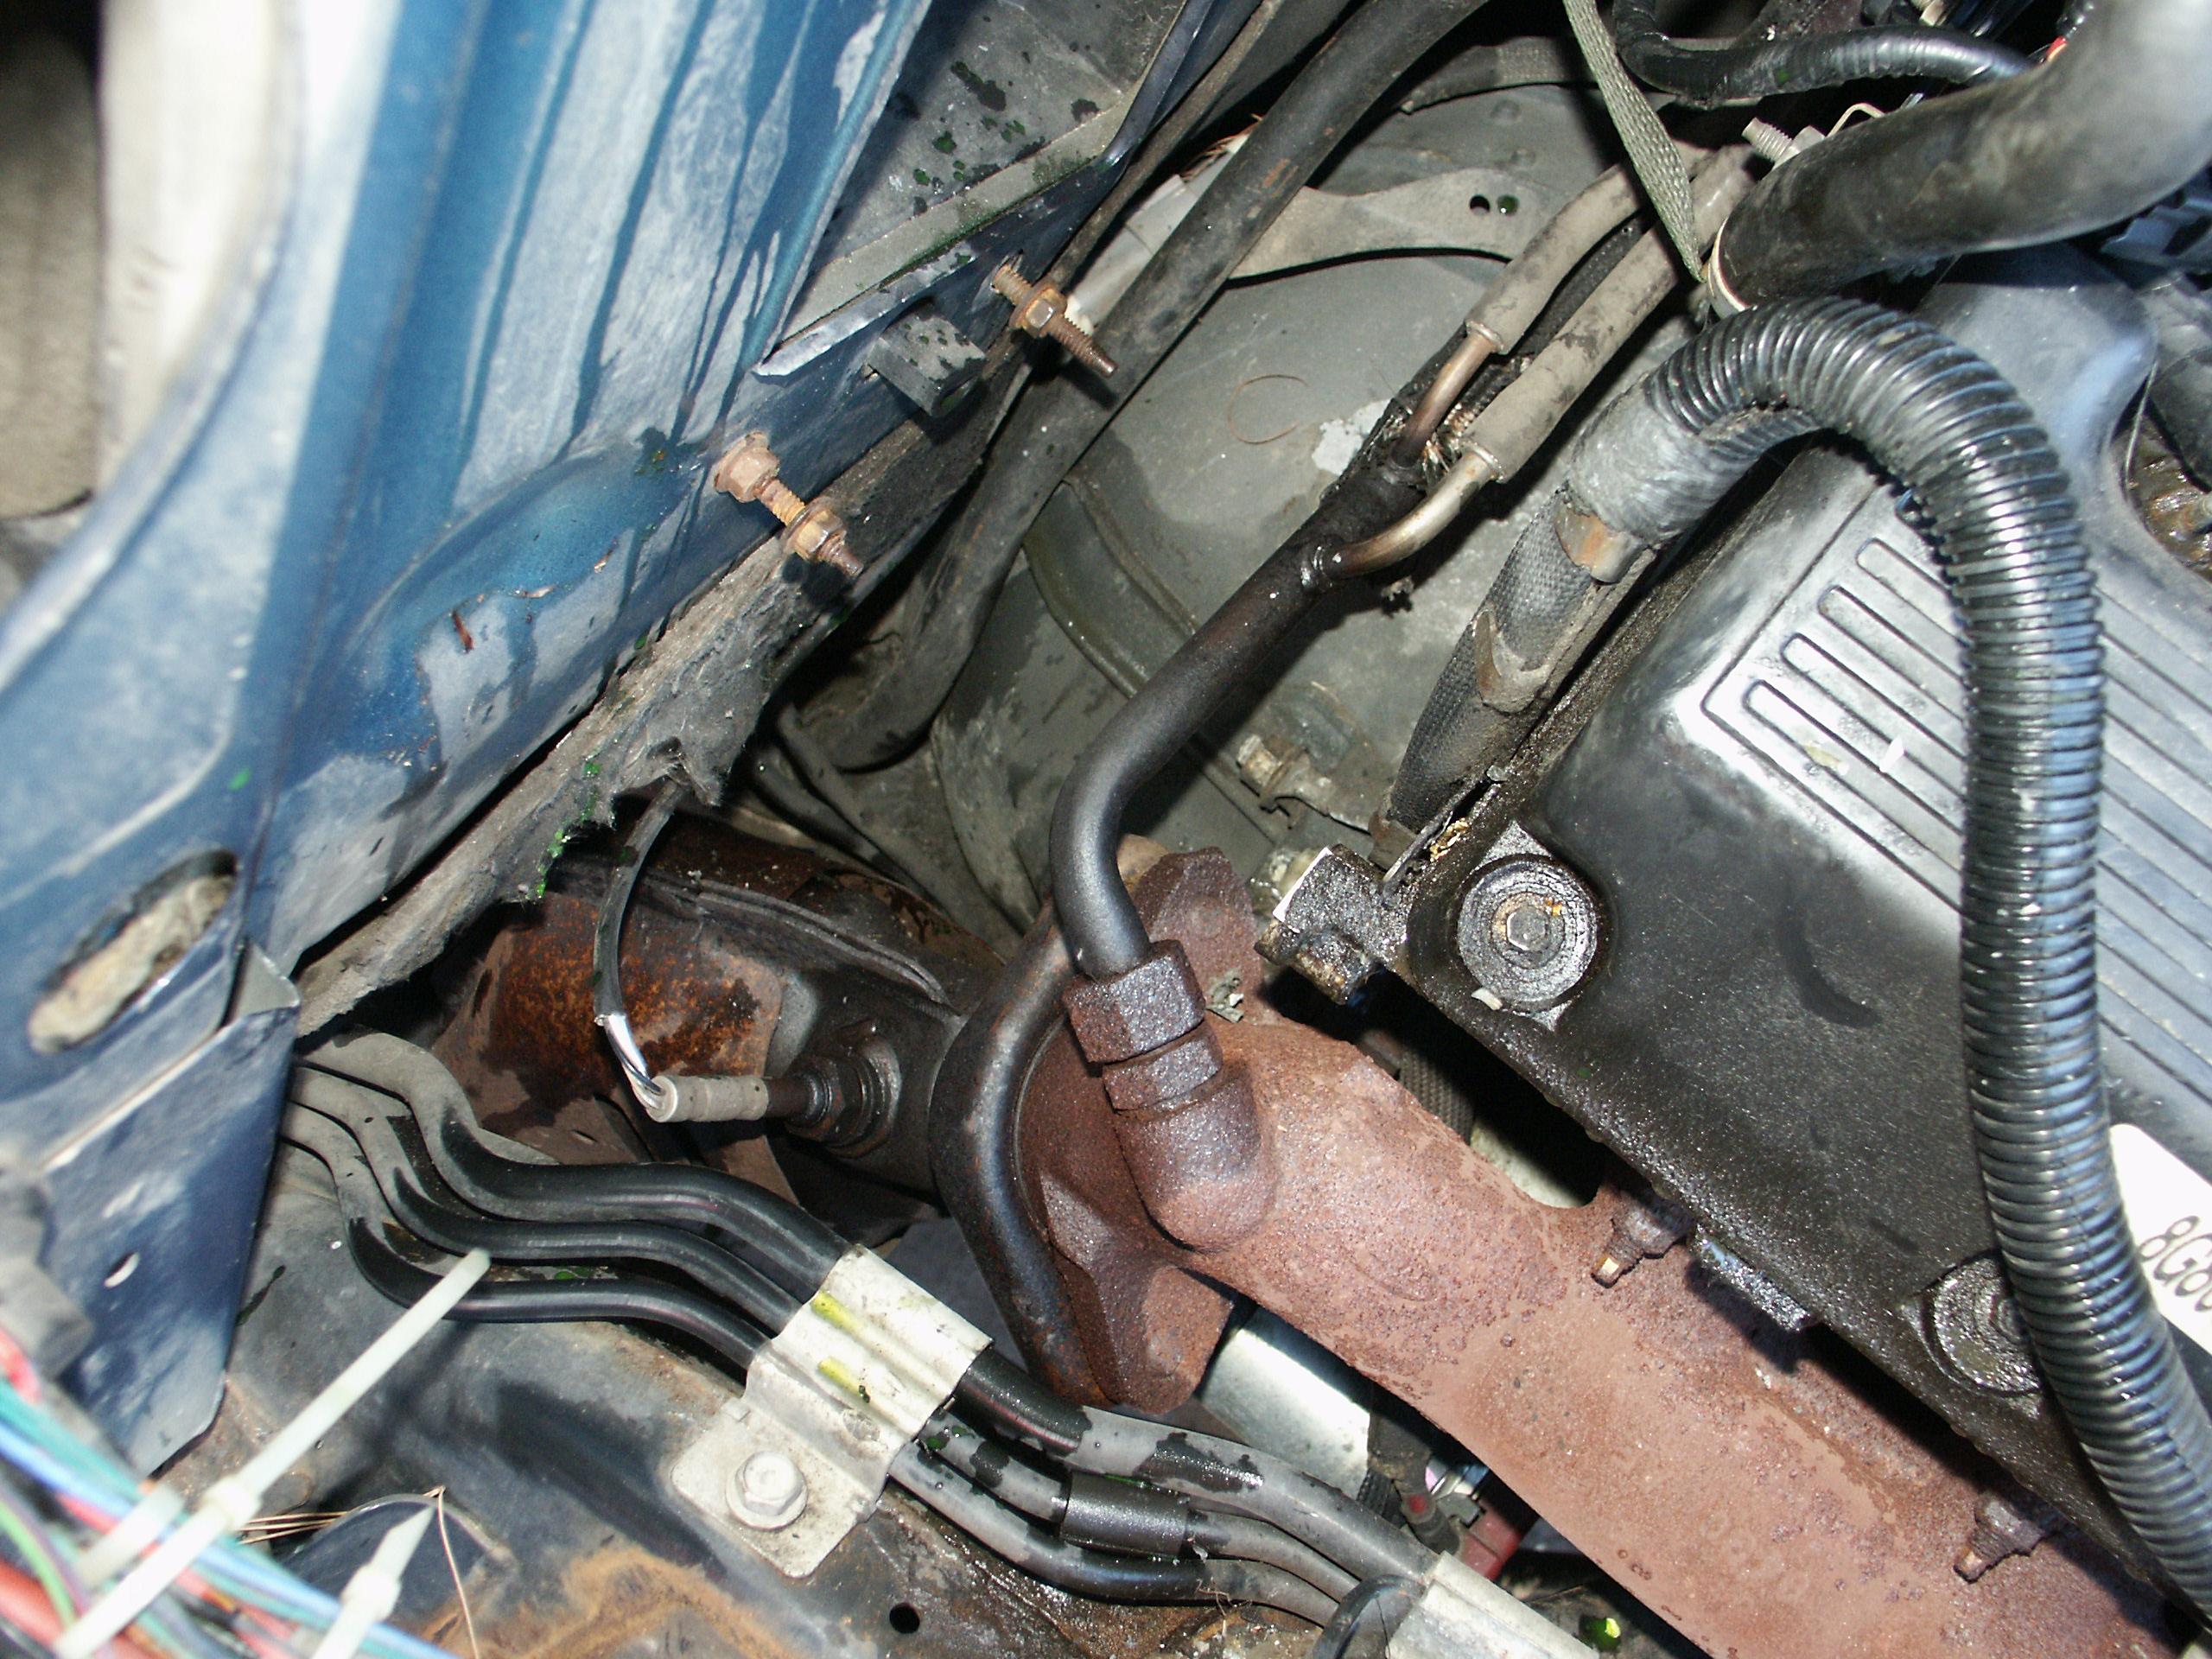 1999 crown victoria fuel filter